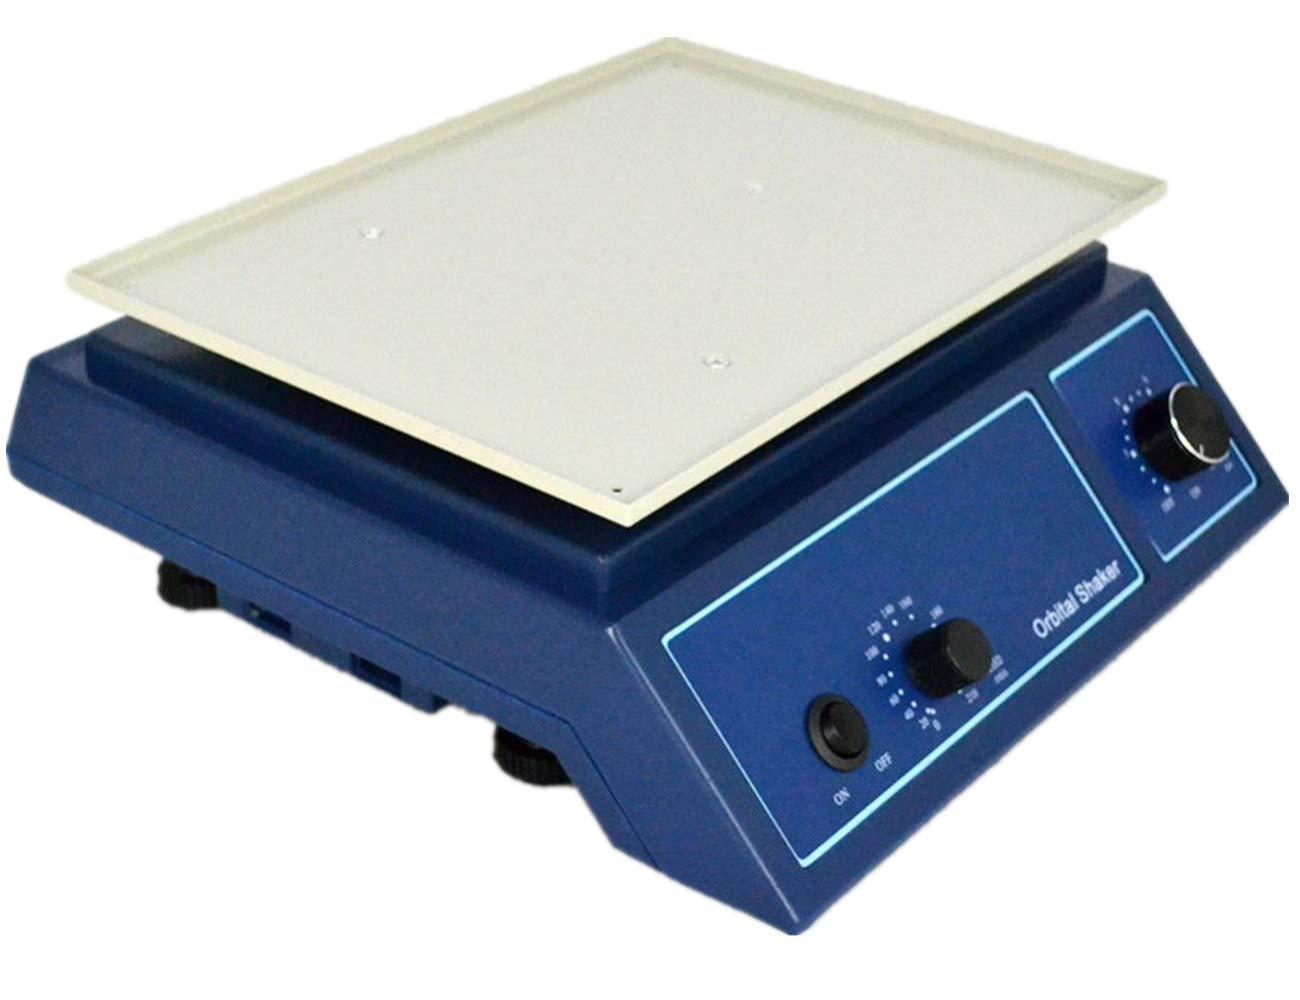 MXBAOHENG Digital Orbital Shaker Lab Oscillator Adjustable Variable Speed Rotator Oscillator 0-210 RPM 110V/220V (220V)